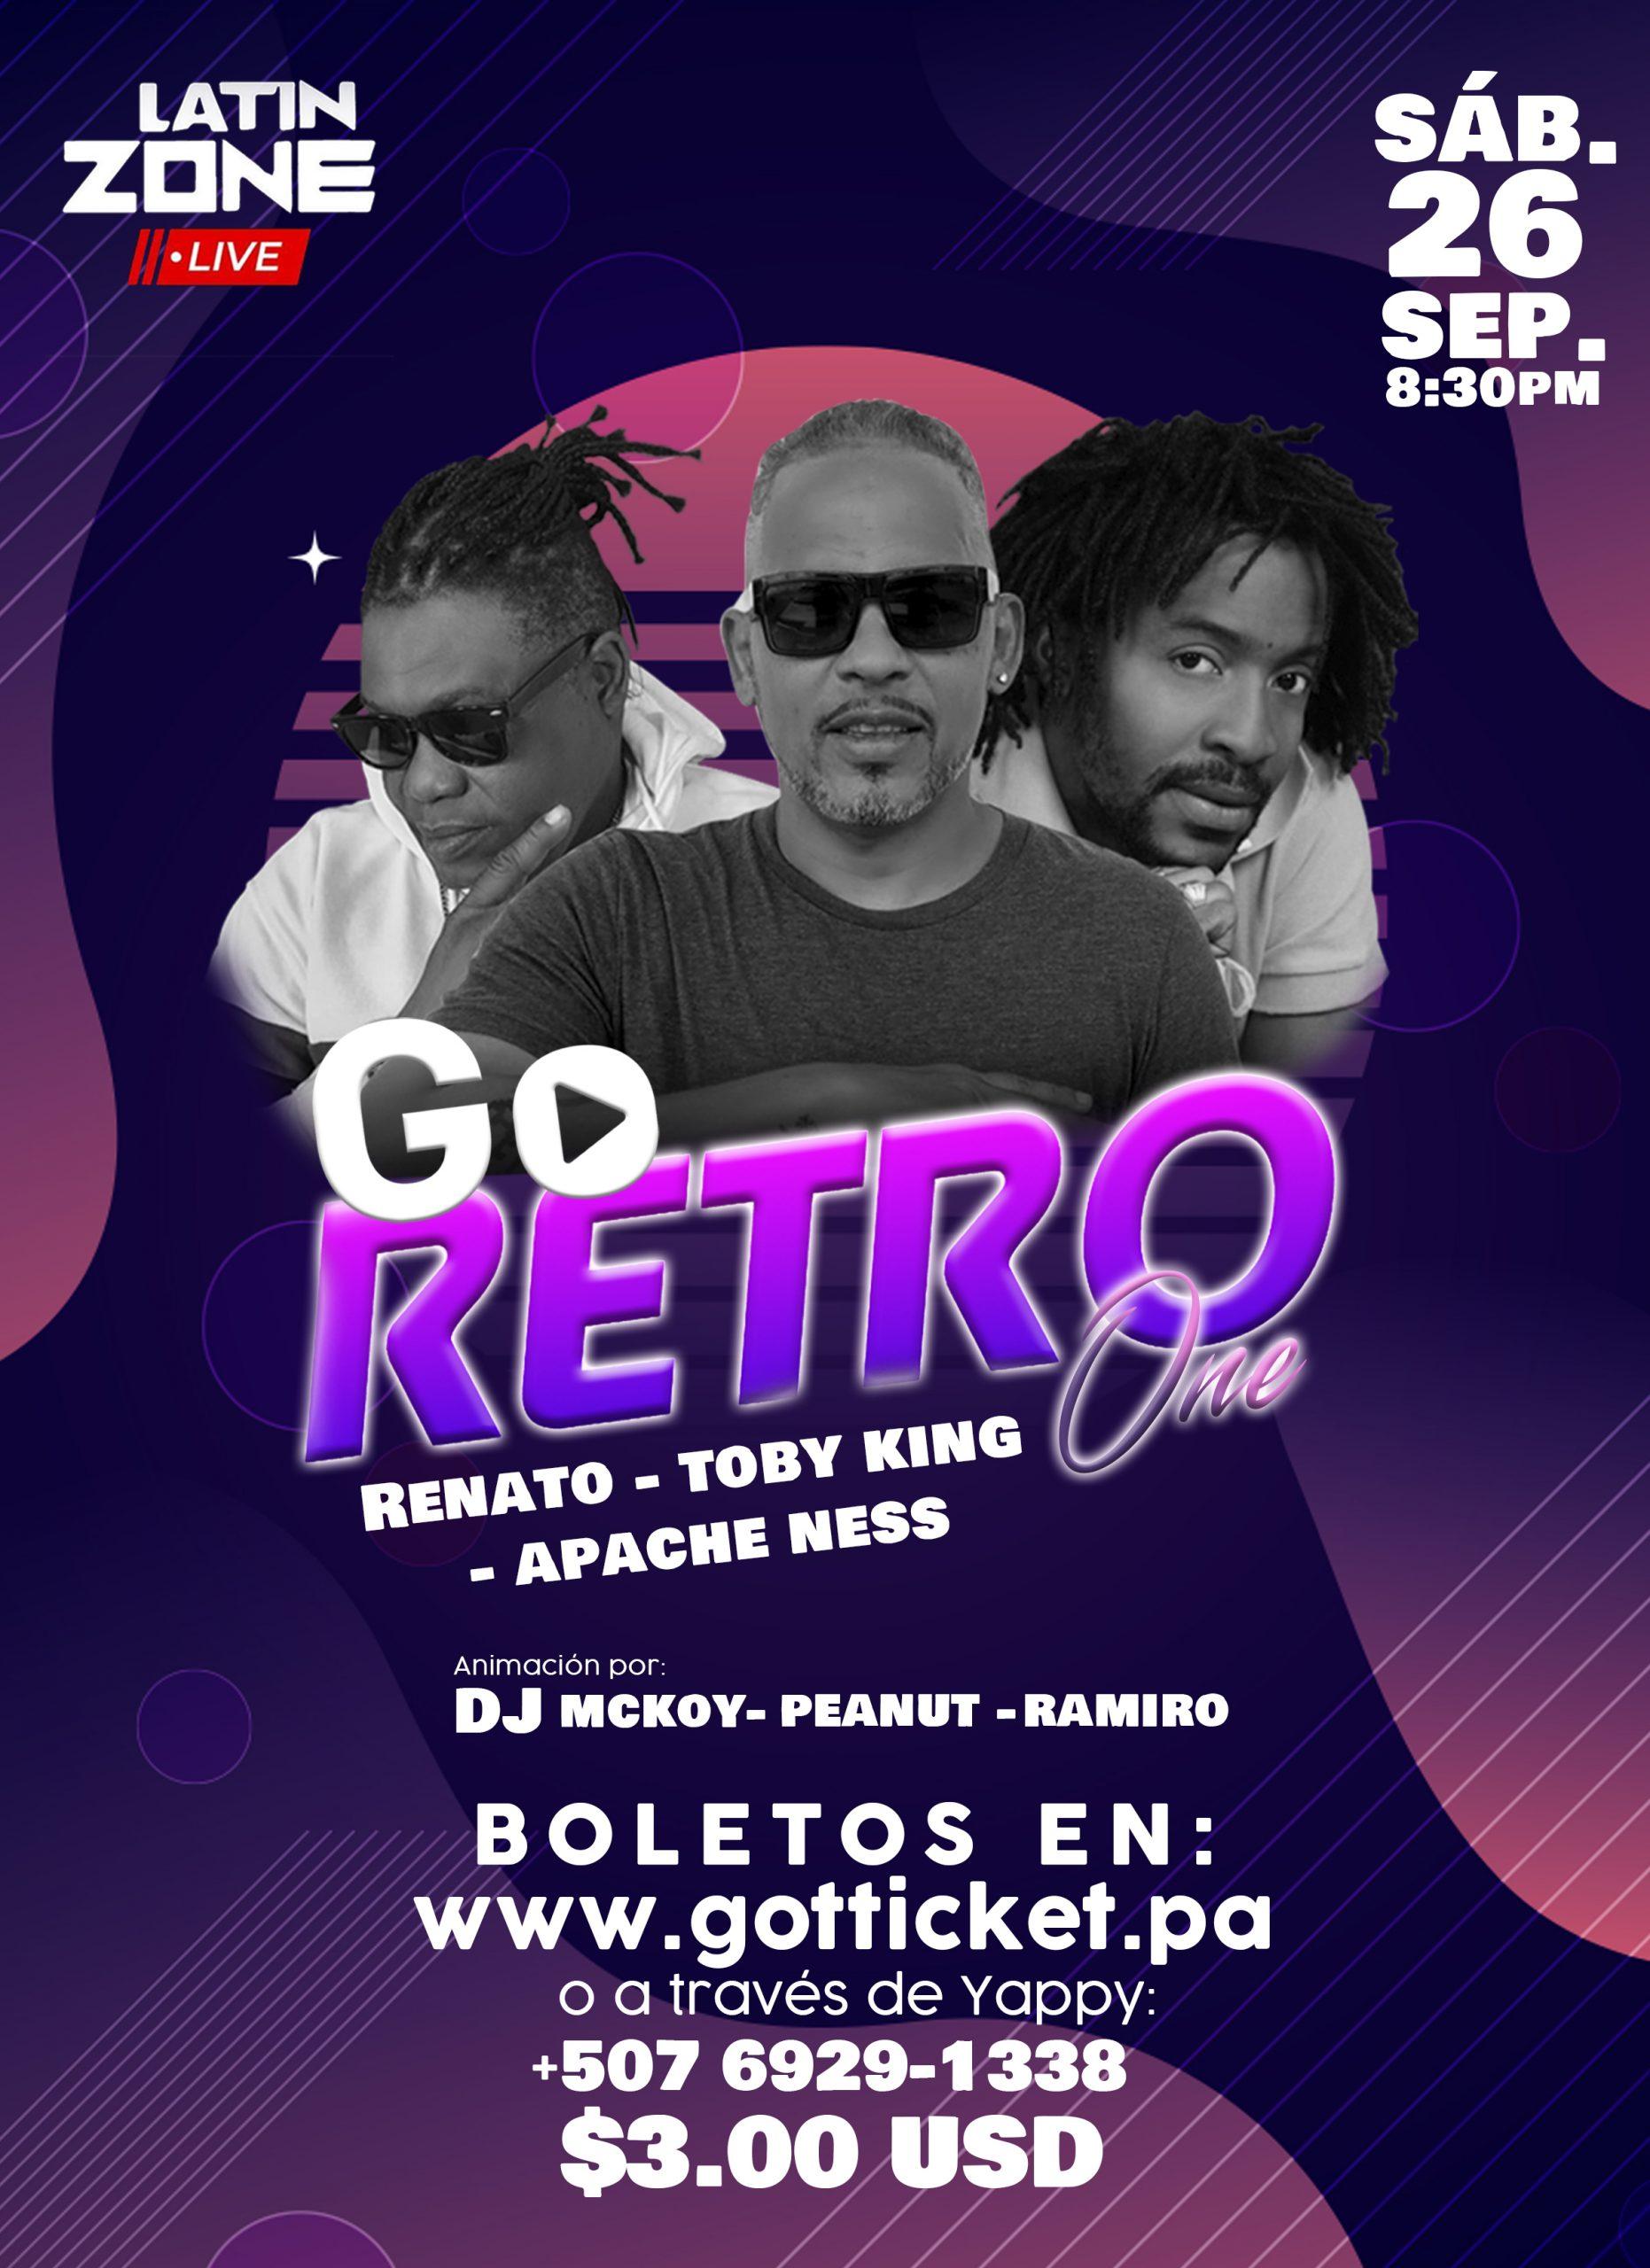 GO RETRO ONE LIVE